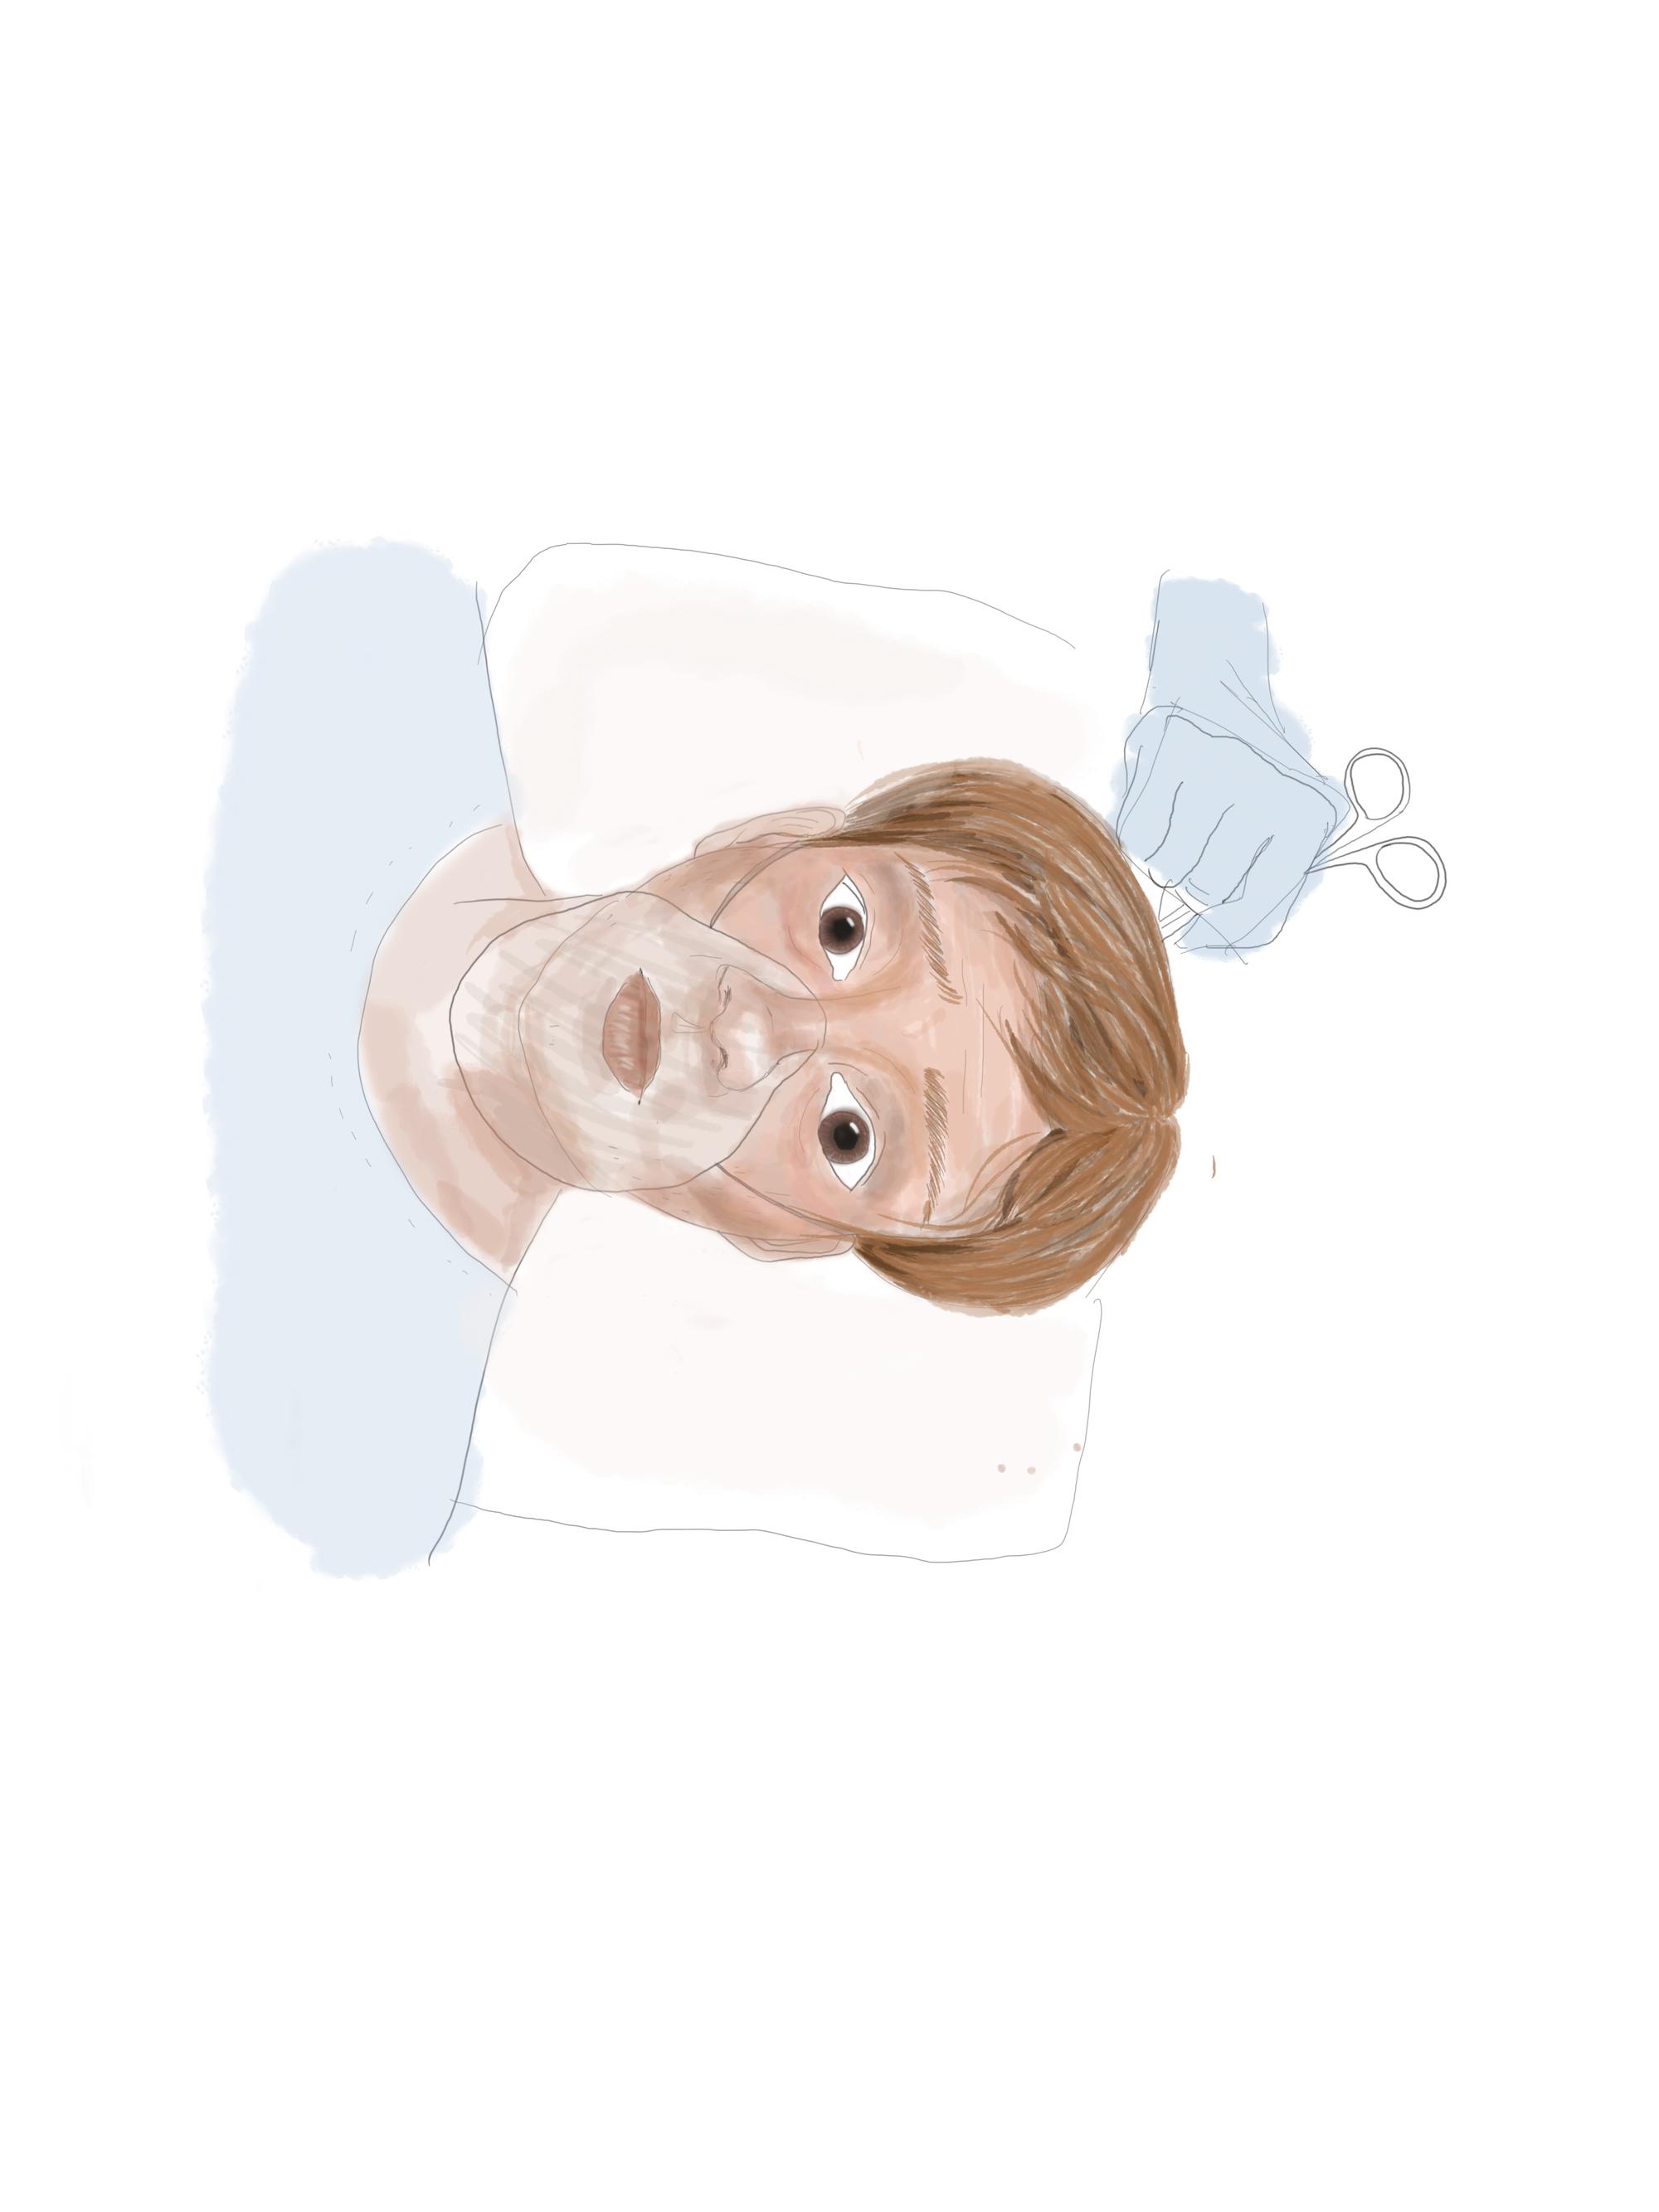 Artwork depicting a brain surgery patient